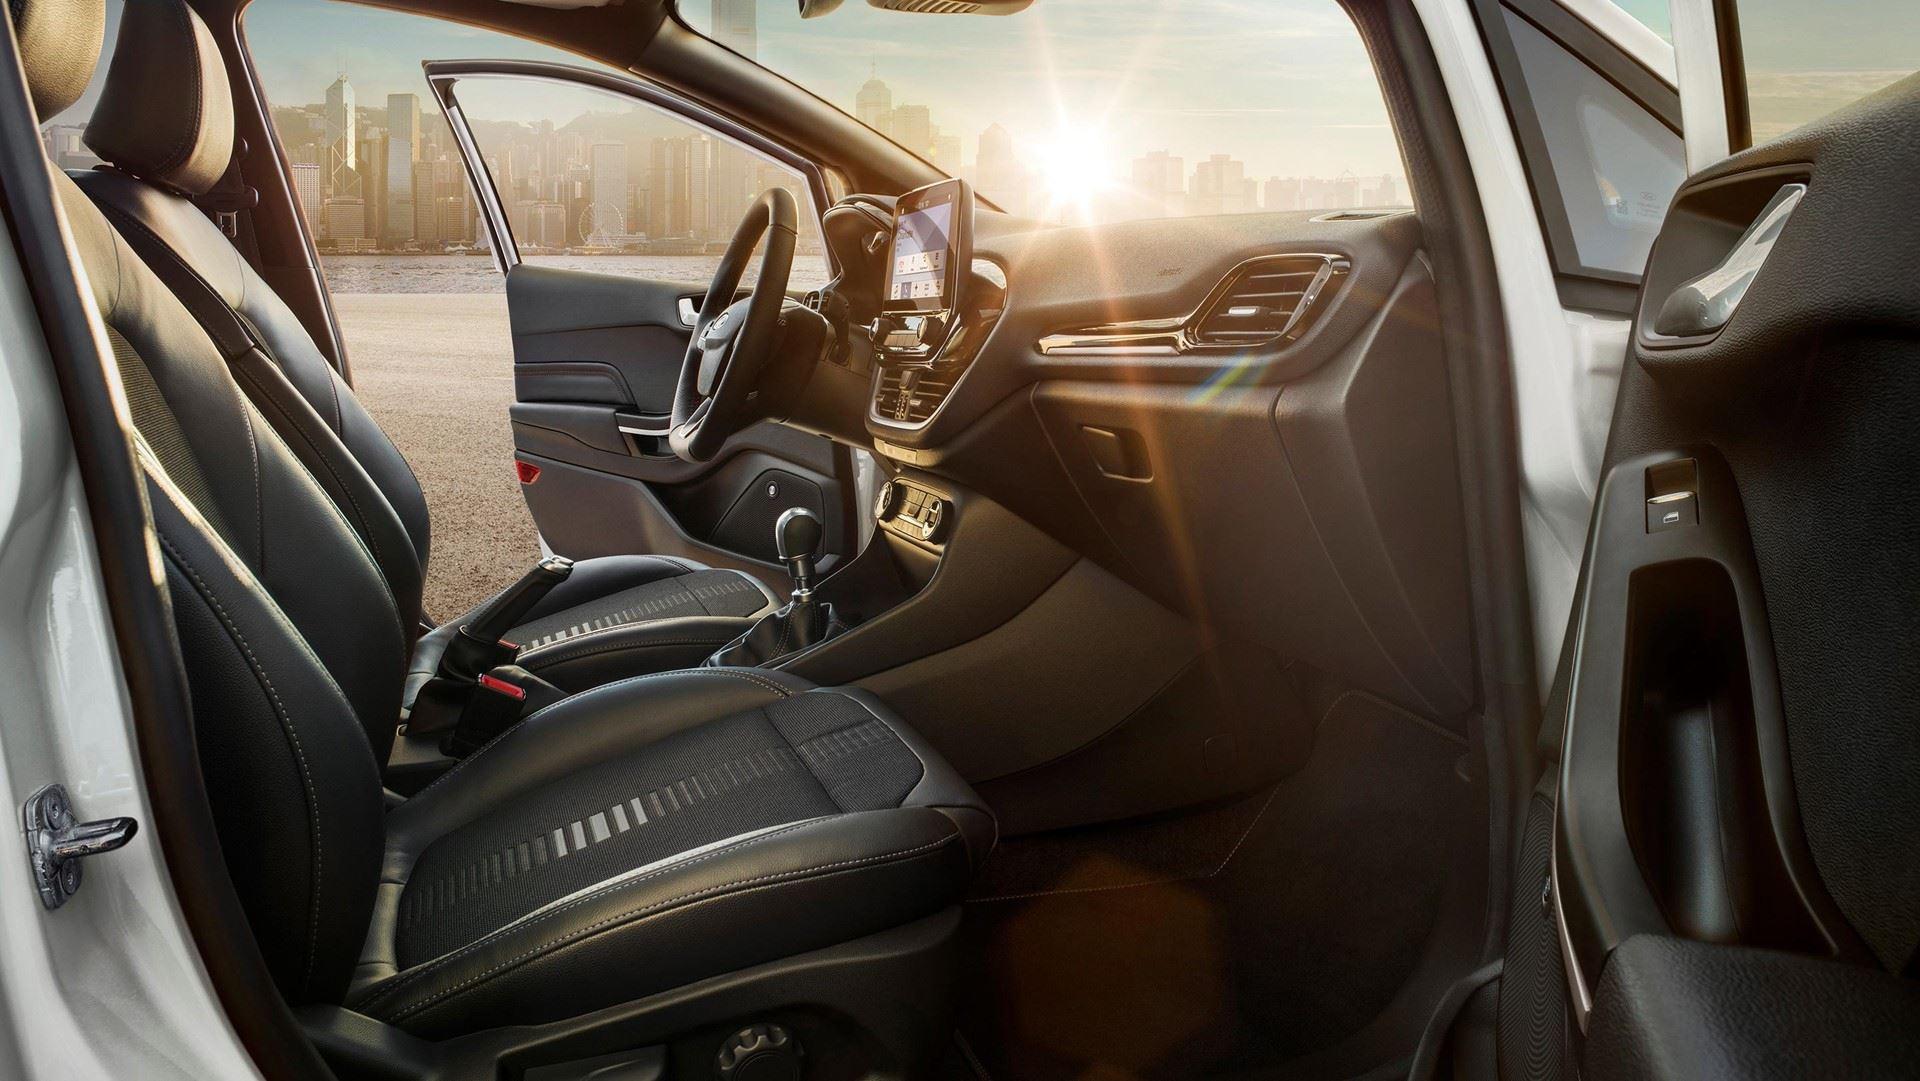 https://0501.nccdn.net/4_2/000/000/001/e2f/Nova-Ford-Fiesta-Active-Crossover-Notranjost-2-1920x1081.jpg